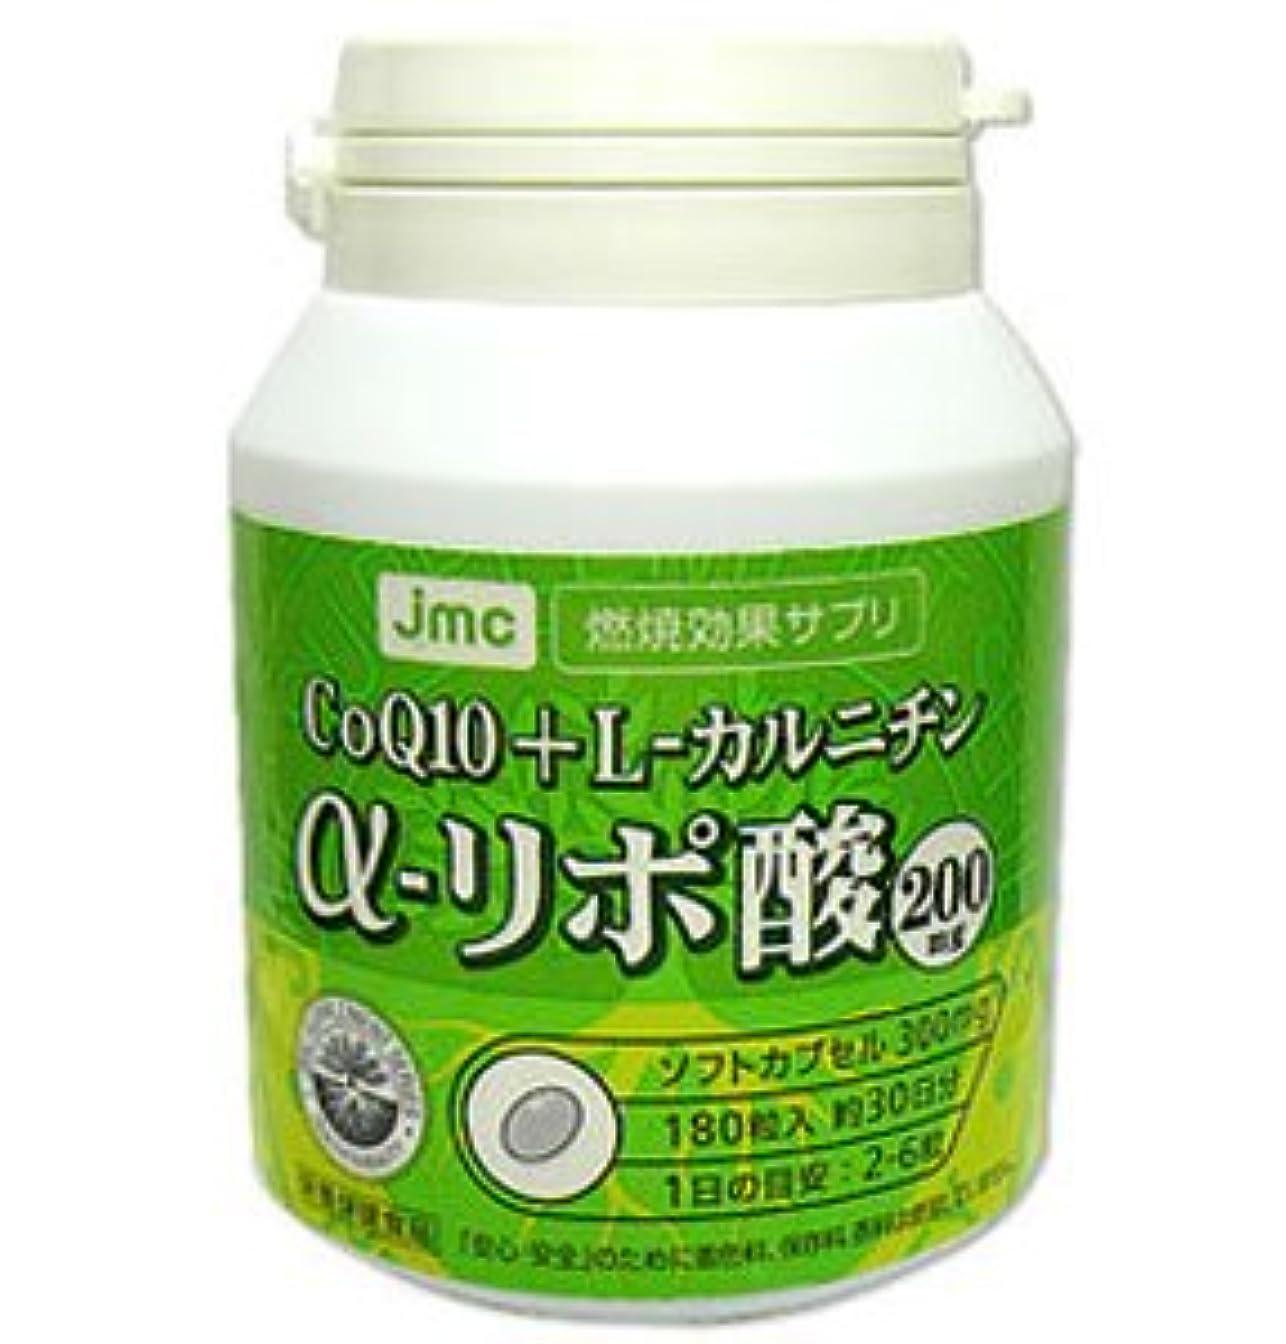 緊張する大邸宅わずらわしいα-リポ酸200mg(αリポ酸、COQ10、L-カルニチン、共役リノール酸配合ダイエットサプリ)